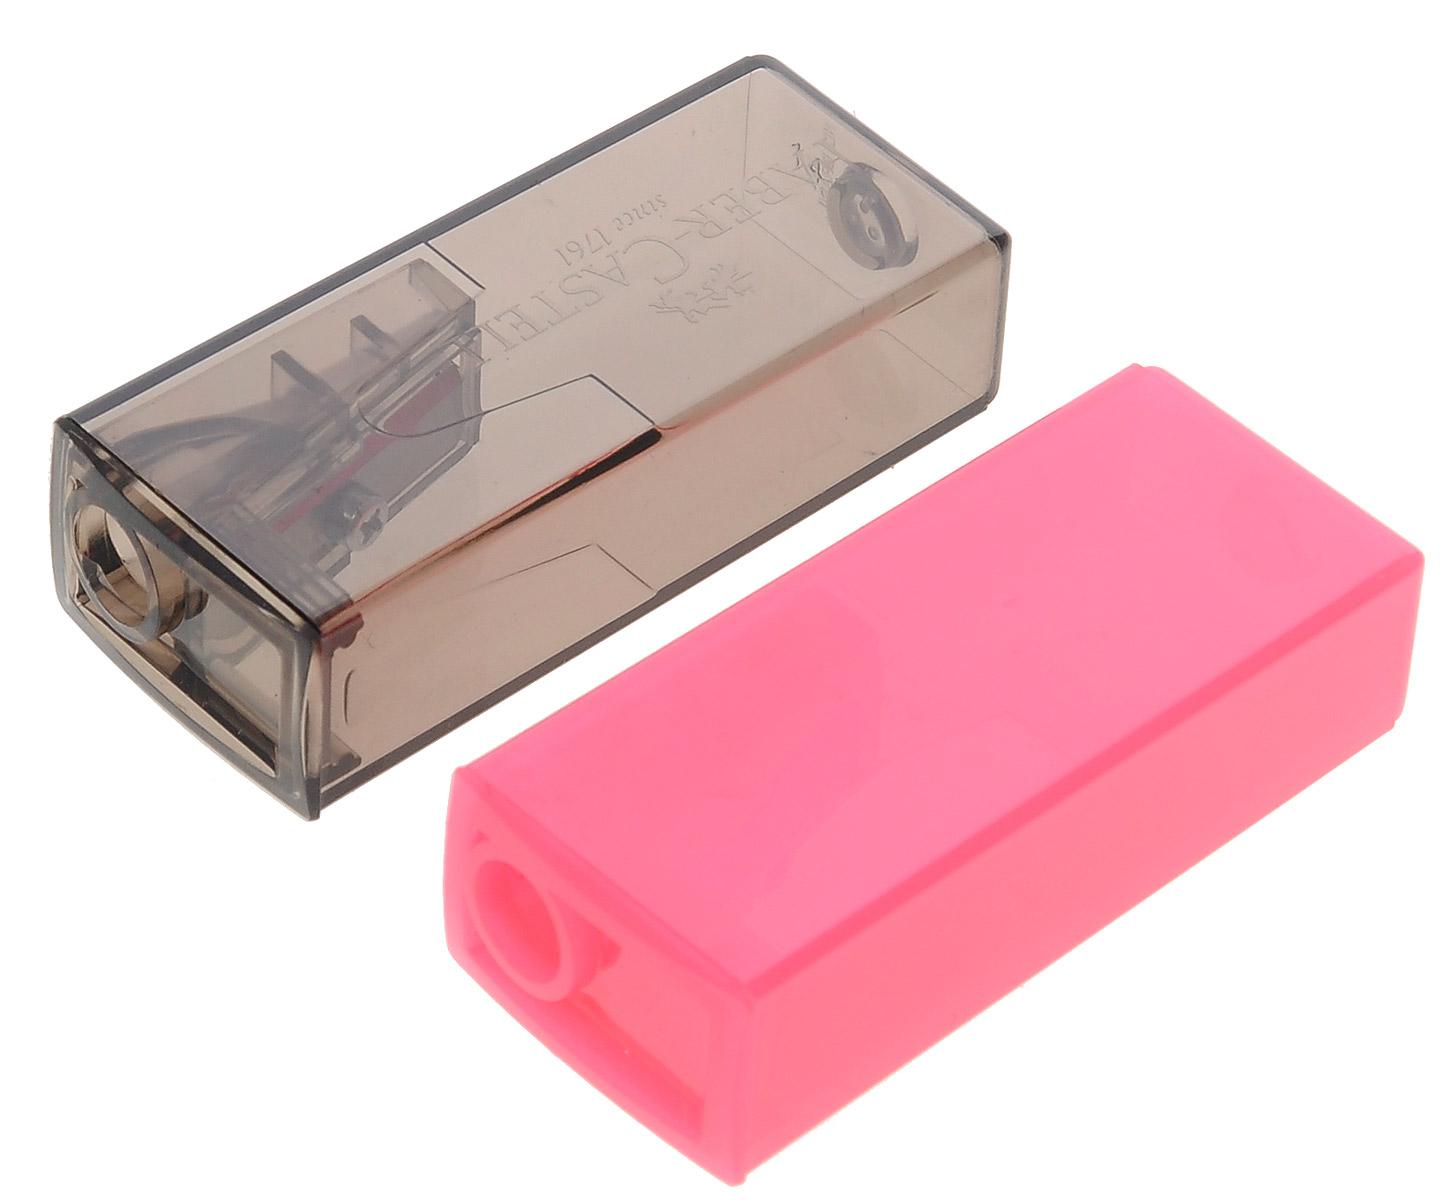 Faber-Castell Точилка флуоресцентная цвет розовый серый 2 шт263332_розовый, серыйТочилки Faber-Castell предназначены для затачивания карандашей диаметром 8 мм. Полупрозрачные контейнеры позволяют визуально определить уровень заполнения и вовремя произвести очистку. Острые стальные лезвия обеспечивают высококачественную и точную заточку деревянных карандашей. В комплекте две точилки разных цветов.